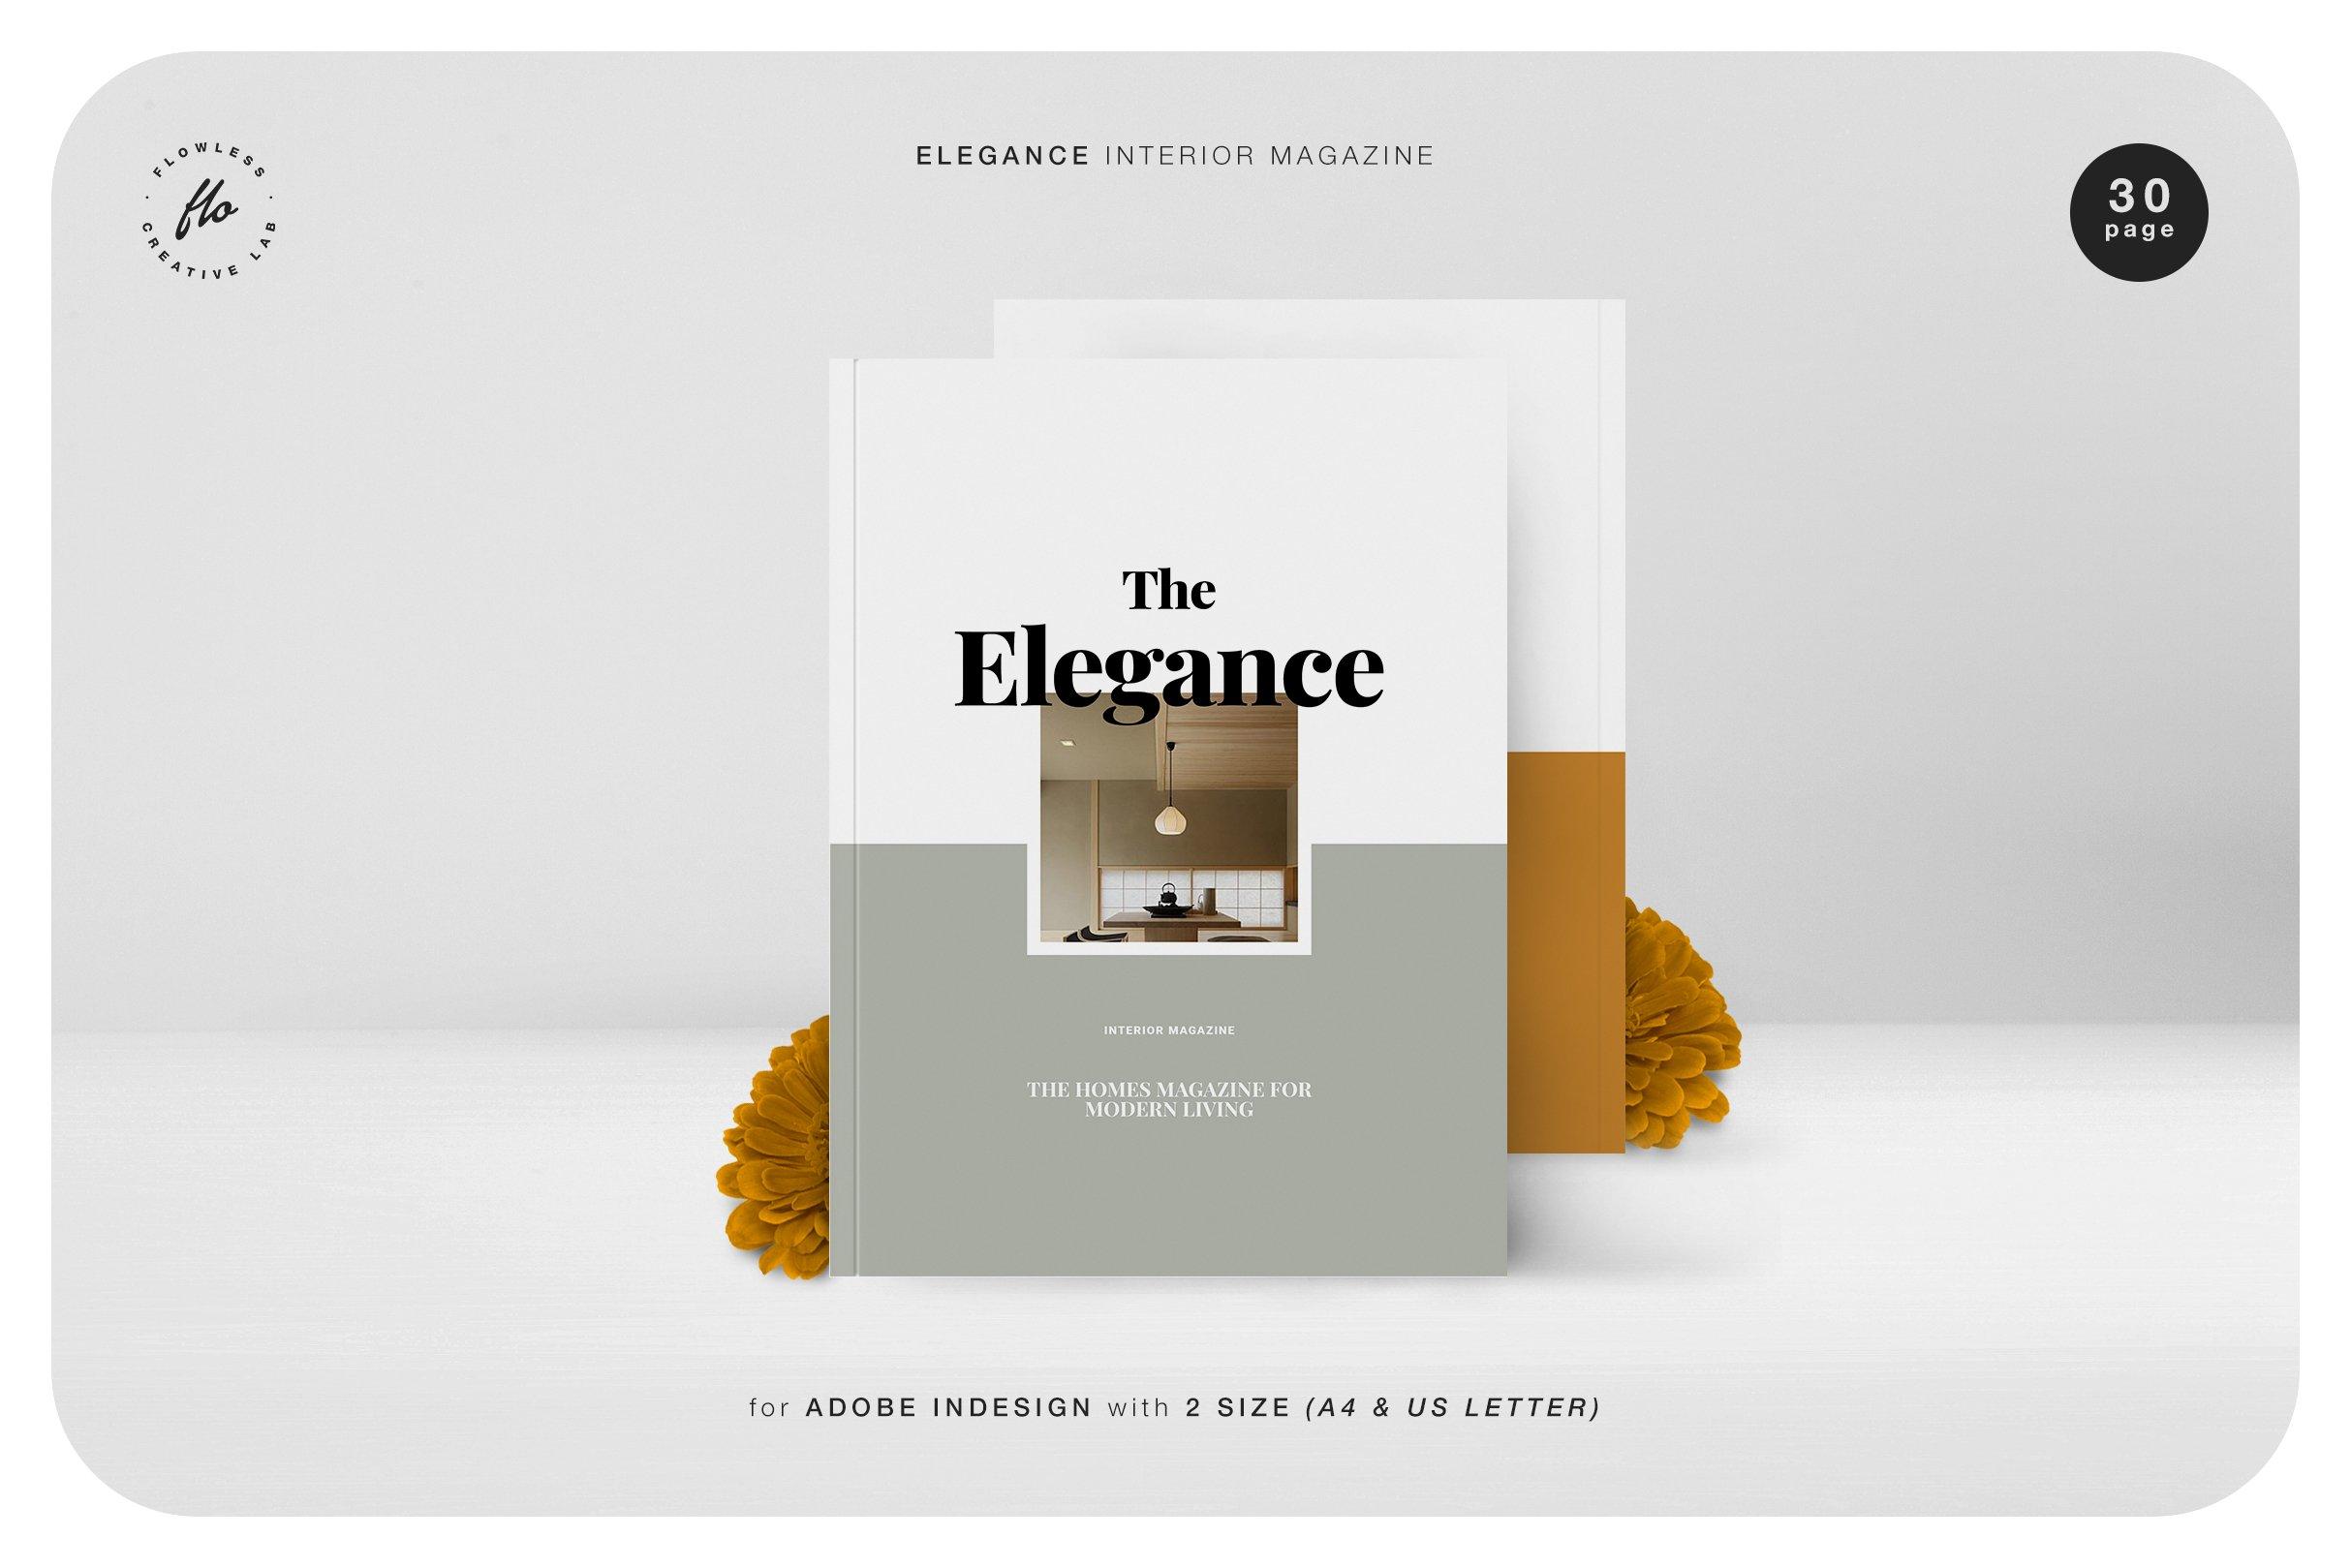 优雅室内设计作品集杂志画册INDD模板 ELEGANCE Interior Magazine插图